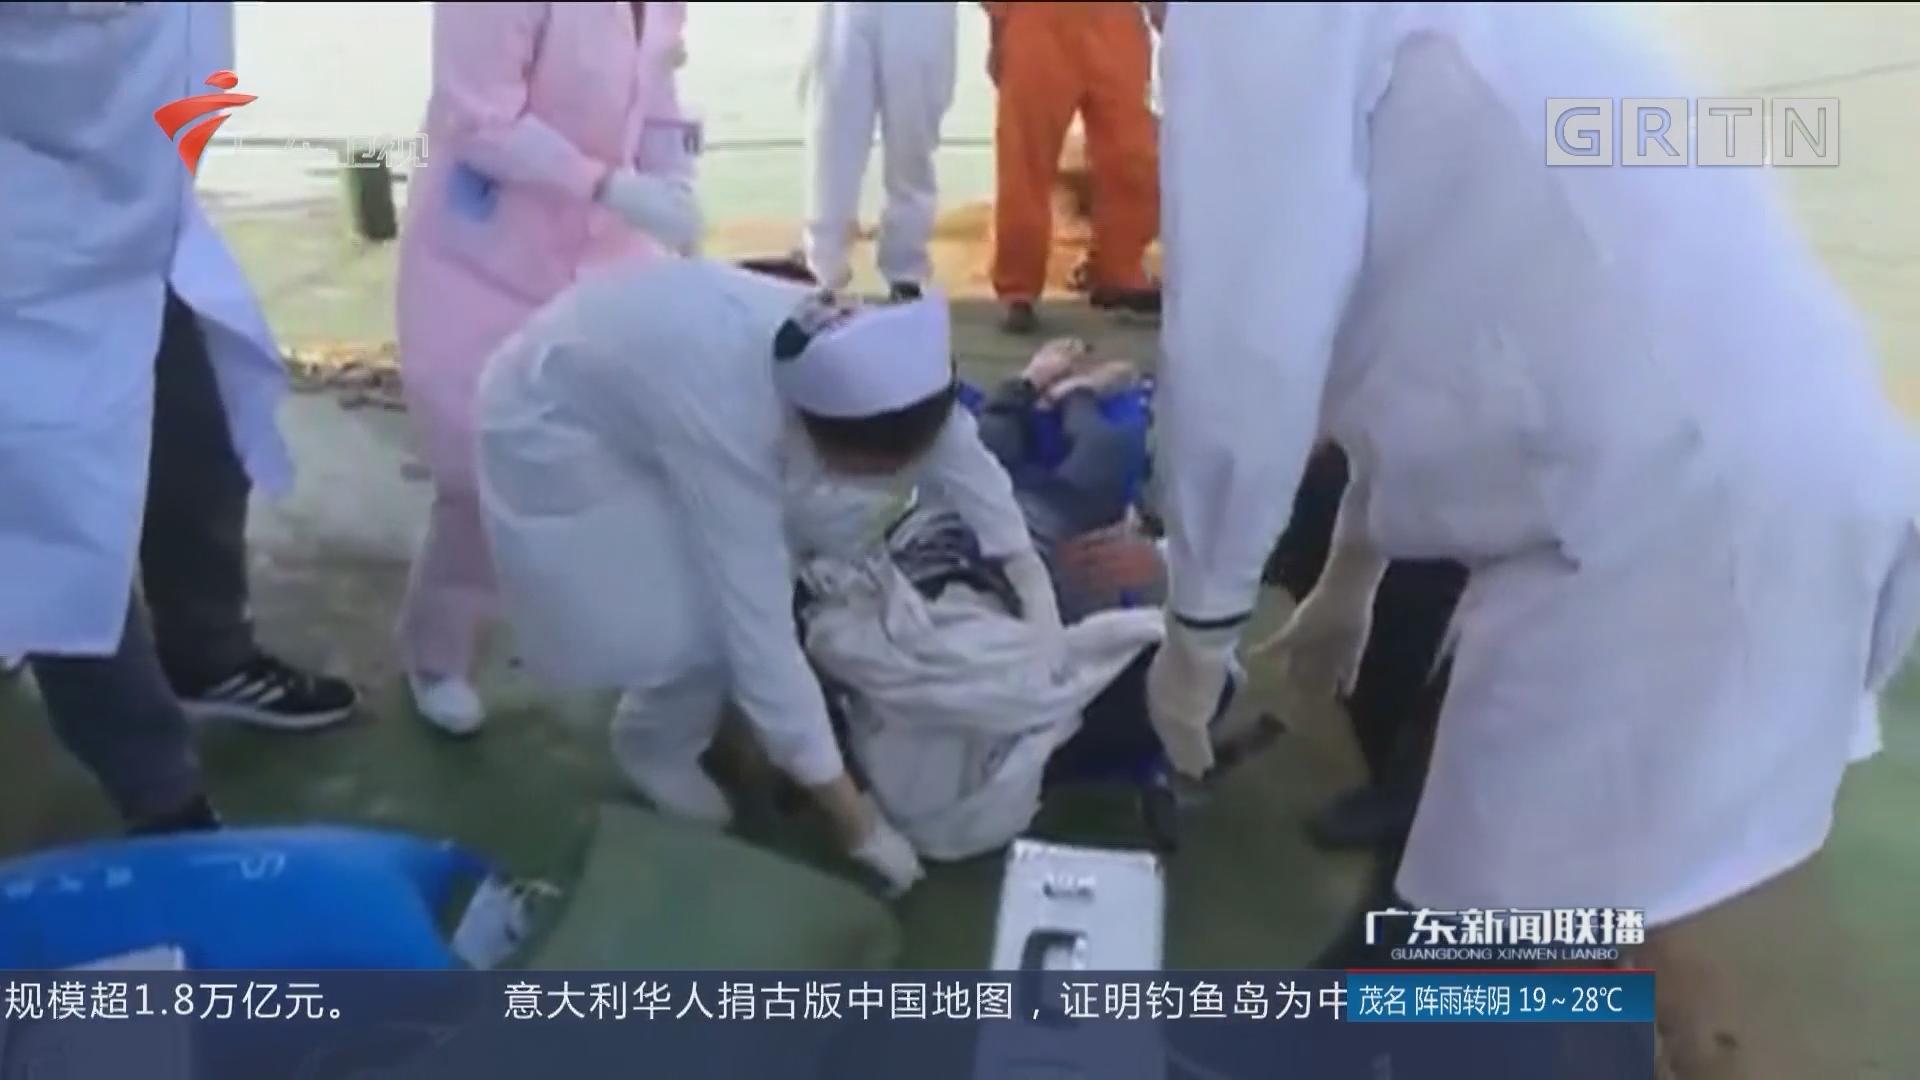 珠江口货船碰撞事故中12名失踪船员已找到 7人已安全获救